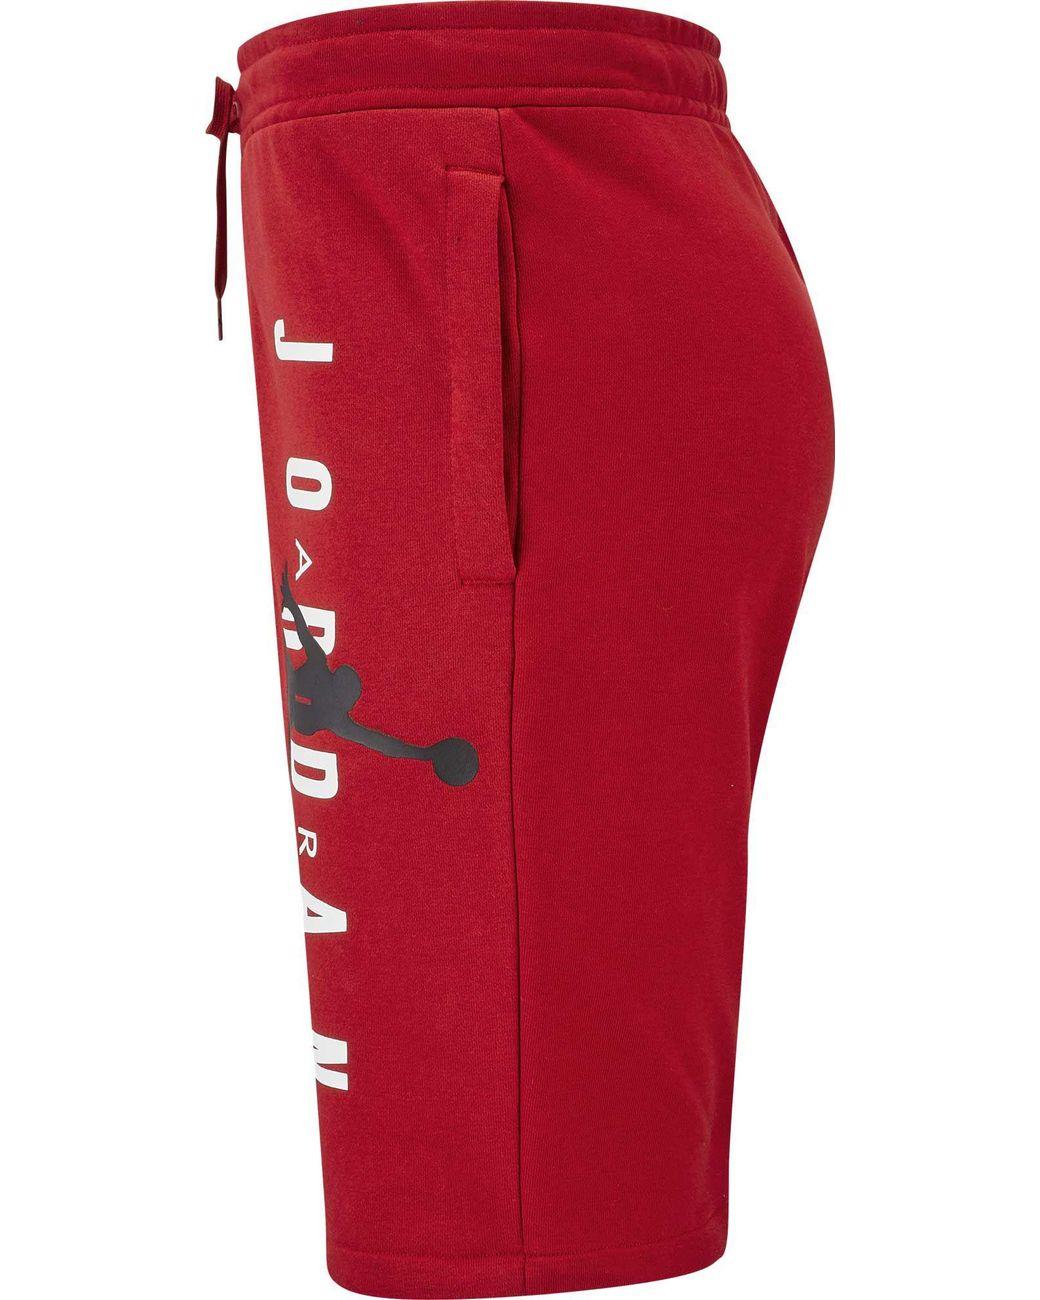 meet 6f302 0bb0e Nike Jordan Jumpman Air Fleece Shorts in Red for Men - Lyst